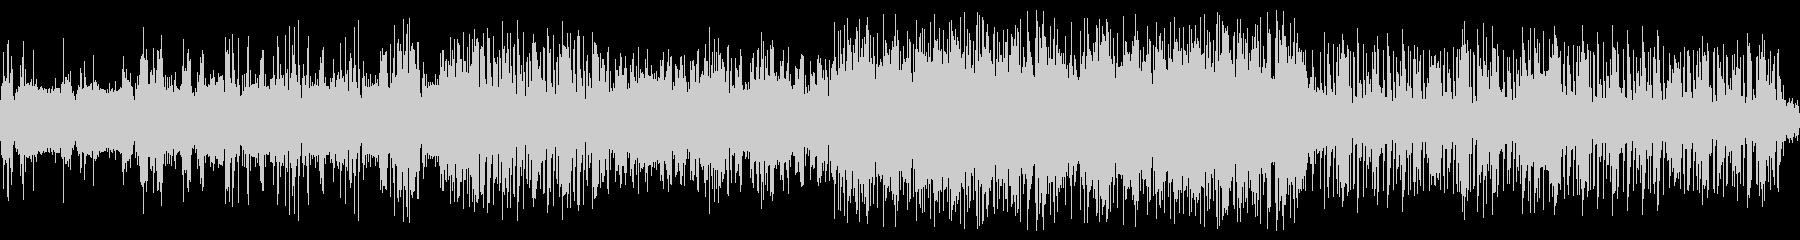 歪んだストリングスに高速ドラムの未再生の波形